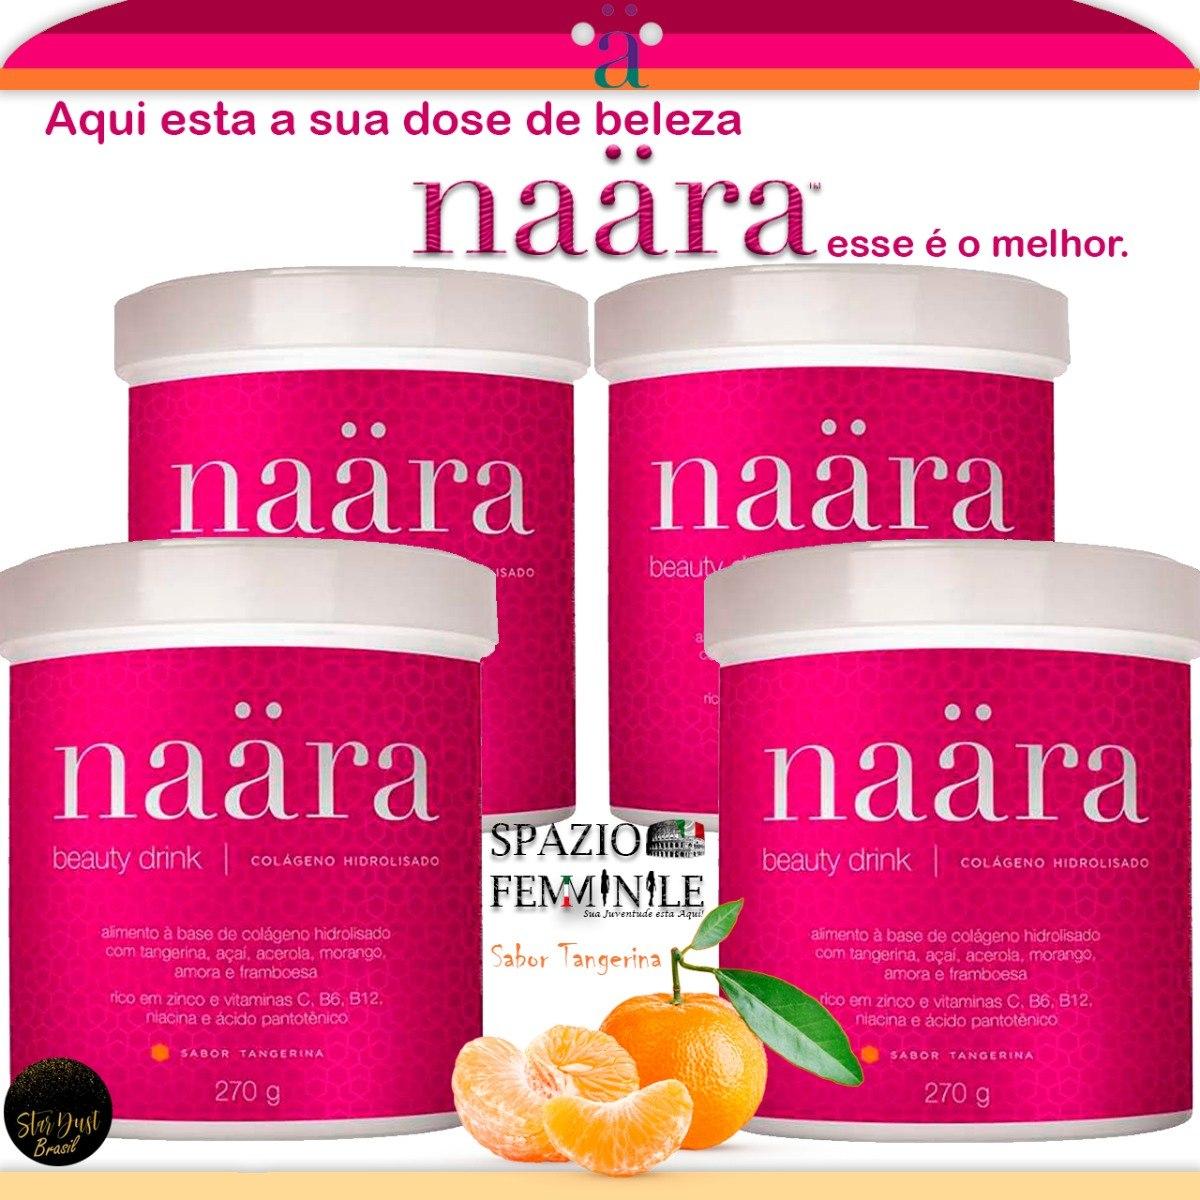 804dac3ea Naara Beauty Drink Colageno Hidrolizado O Melhor 4uni. - R  300